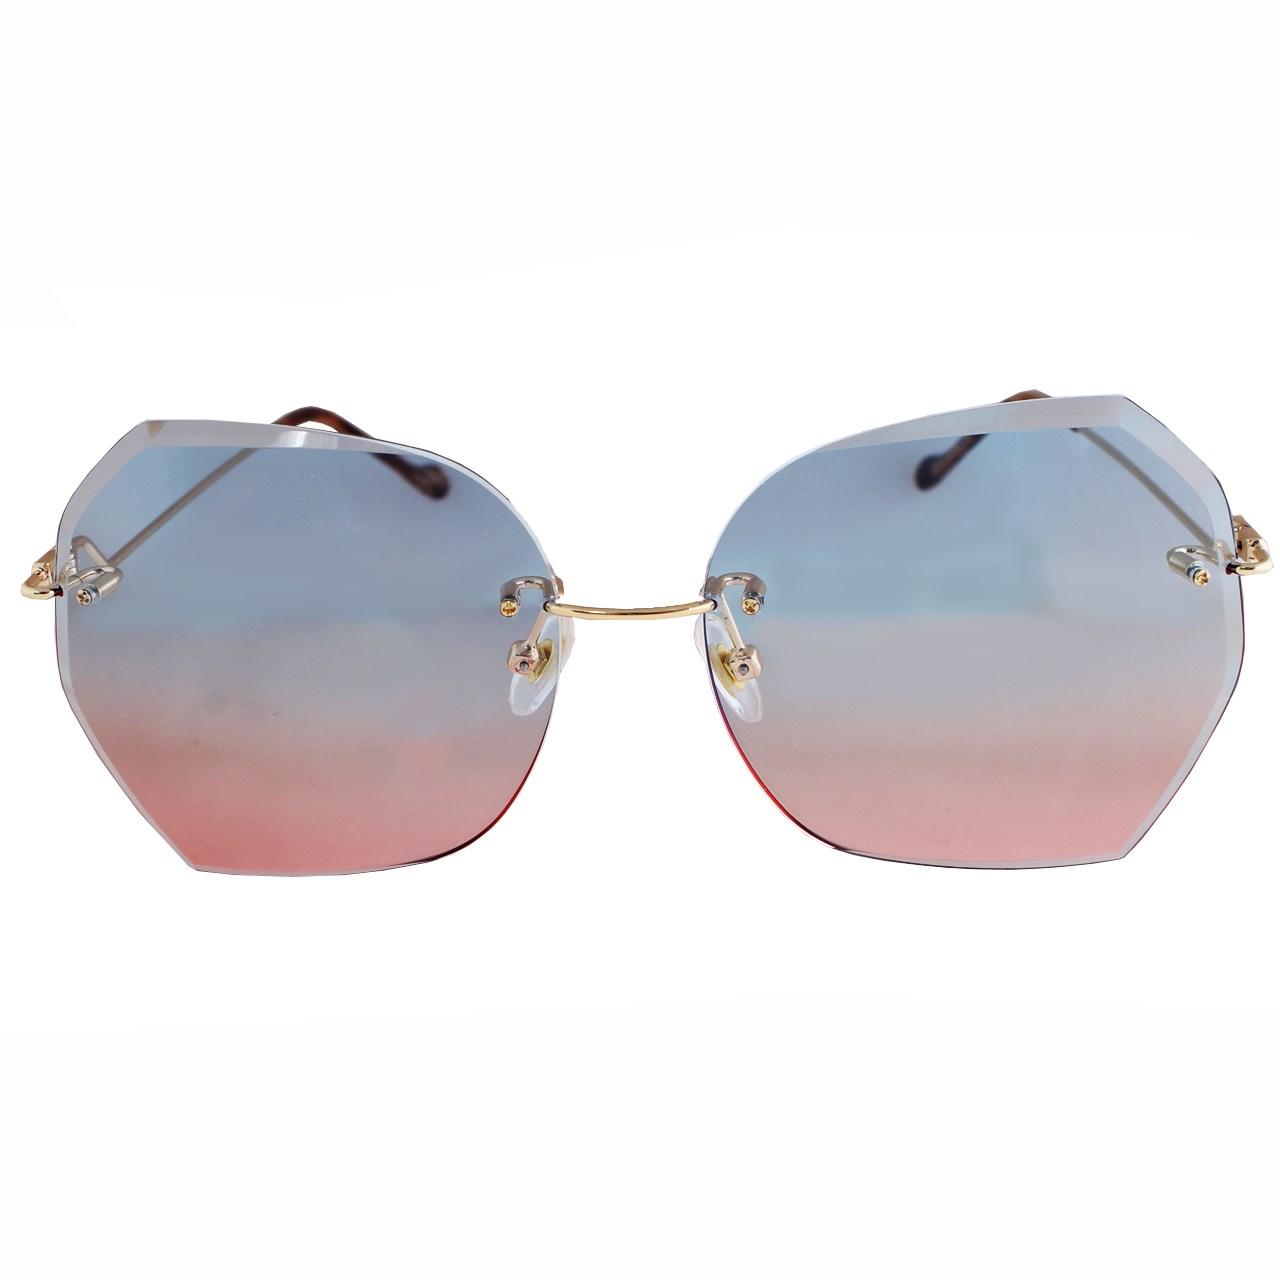 قیمت عینک افتابی زنانه مدل 7341